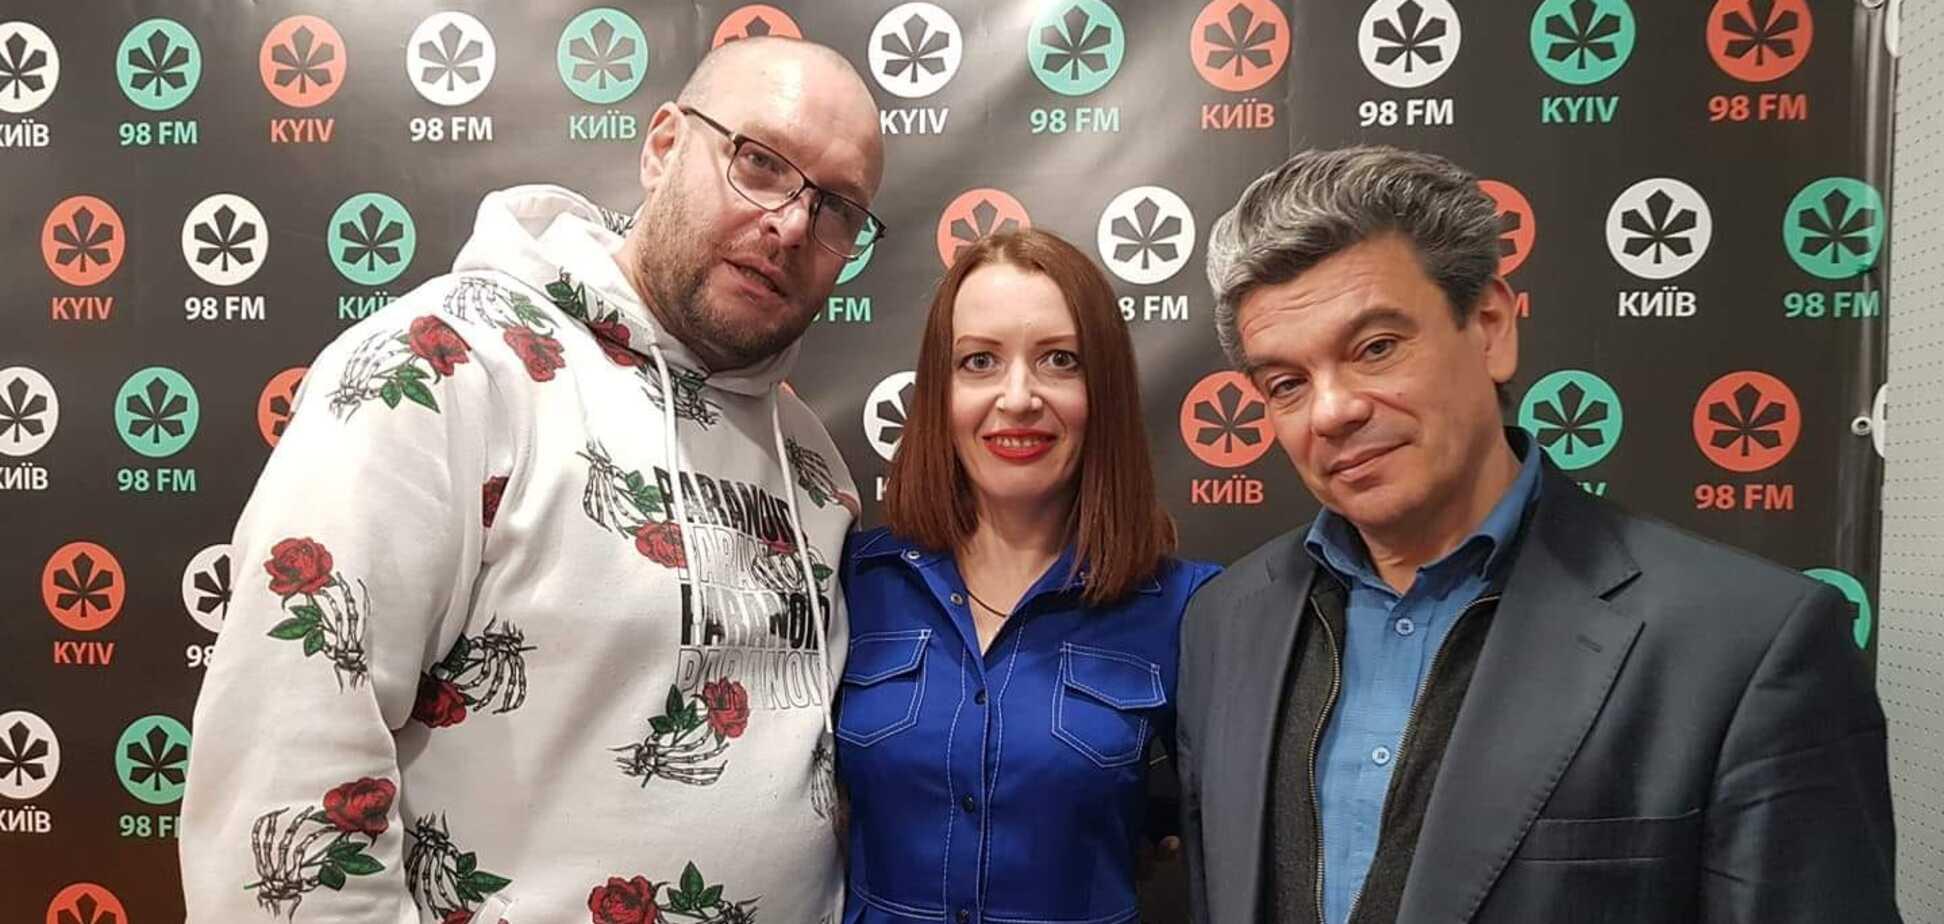 Известный украинский продюсер публично признался, что болен ВИЧ. Видео